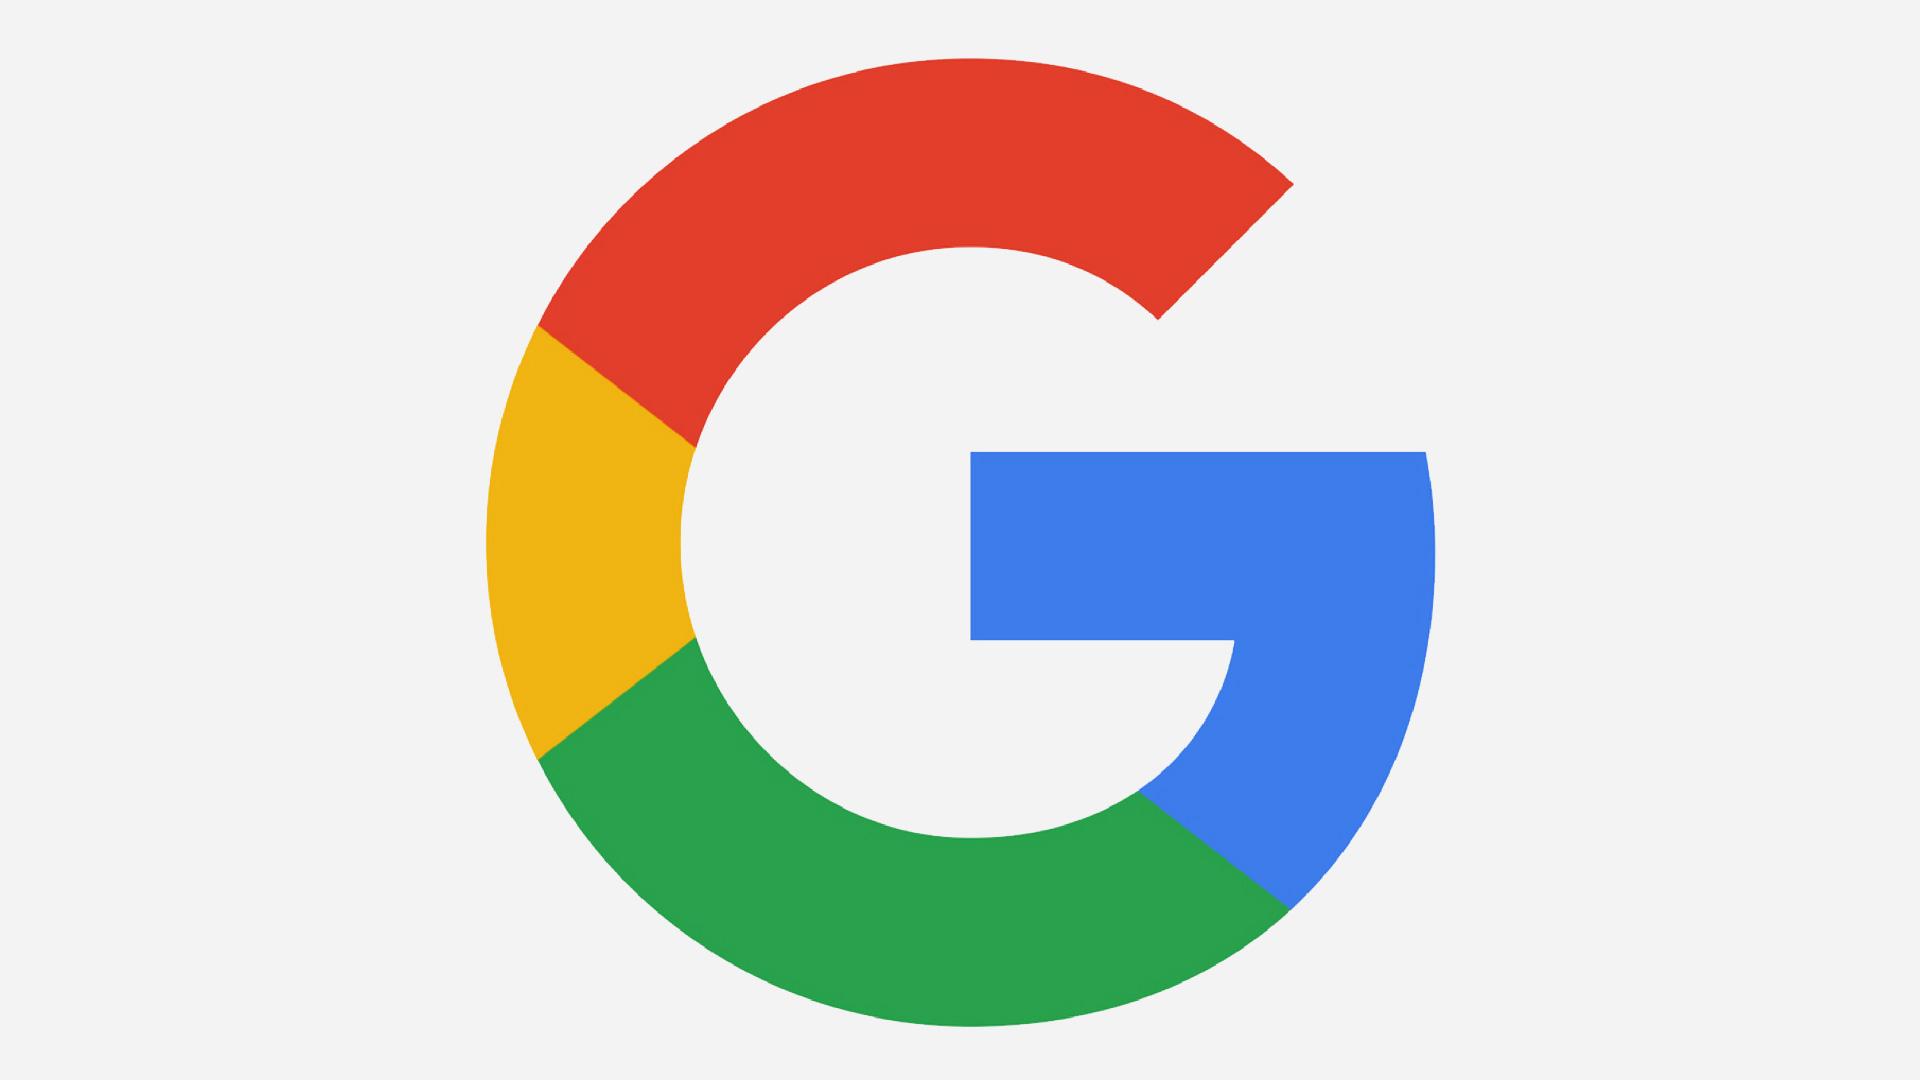 Le navigateur Brave accuse Google d'enfreindre le RGPD pour pister les internautes